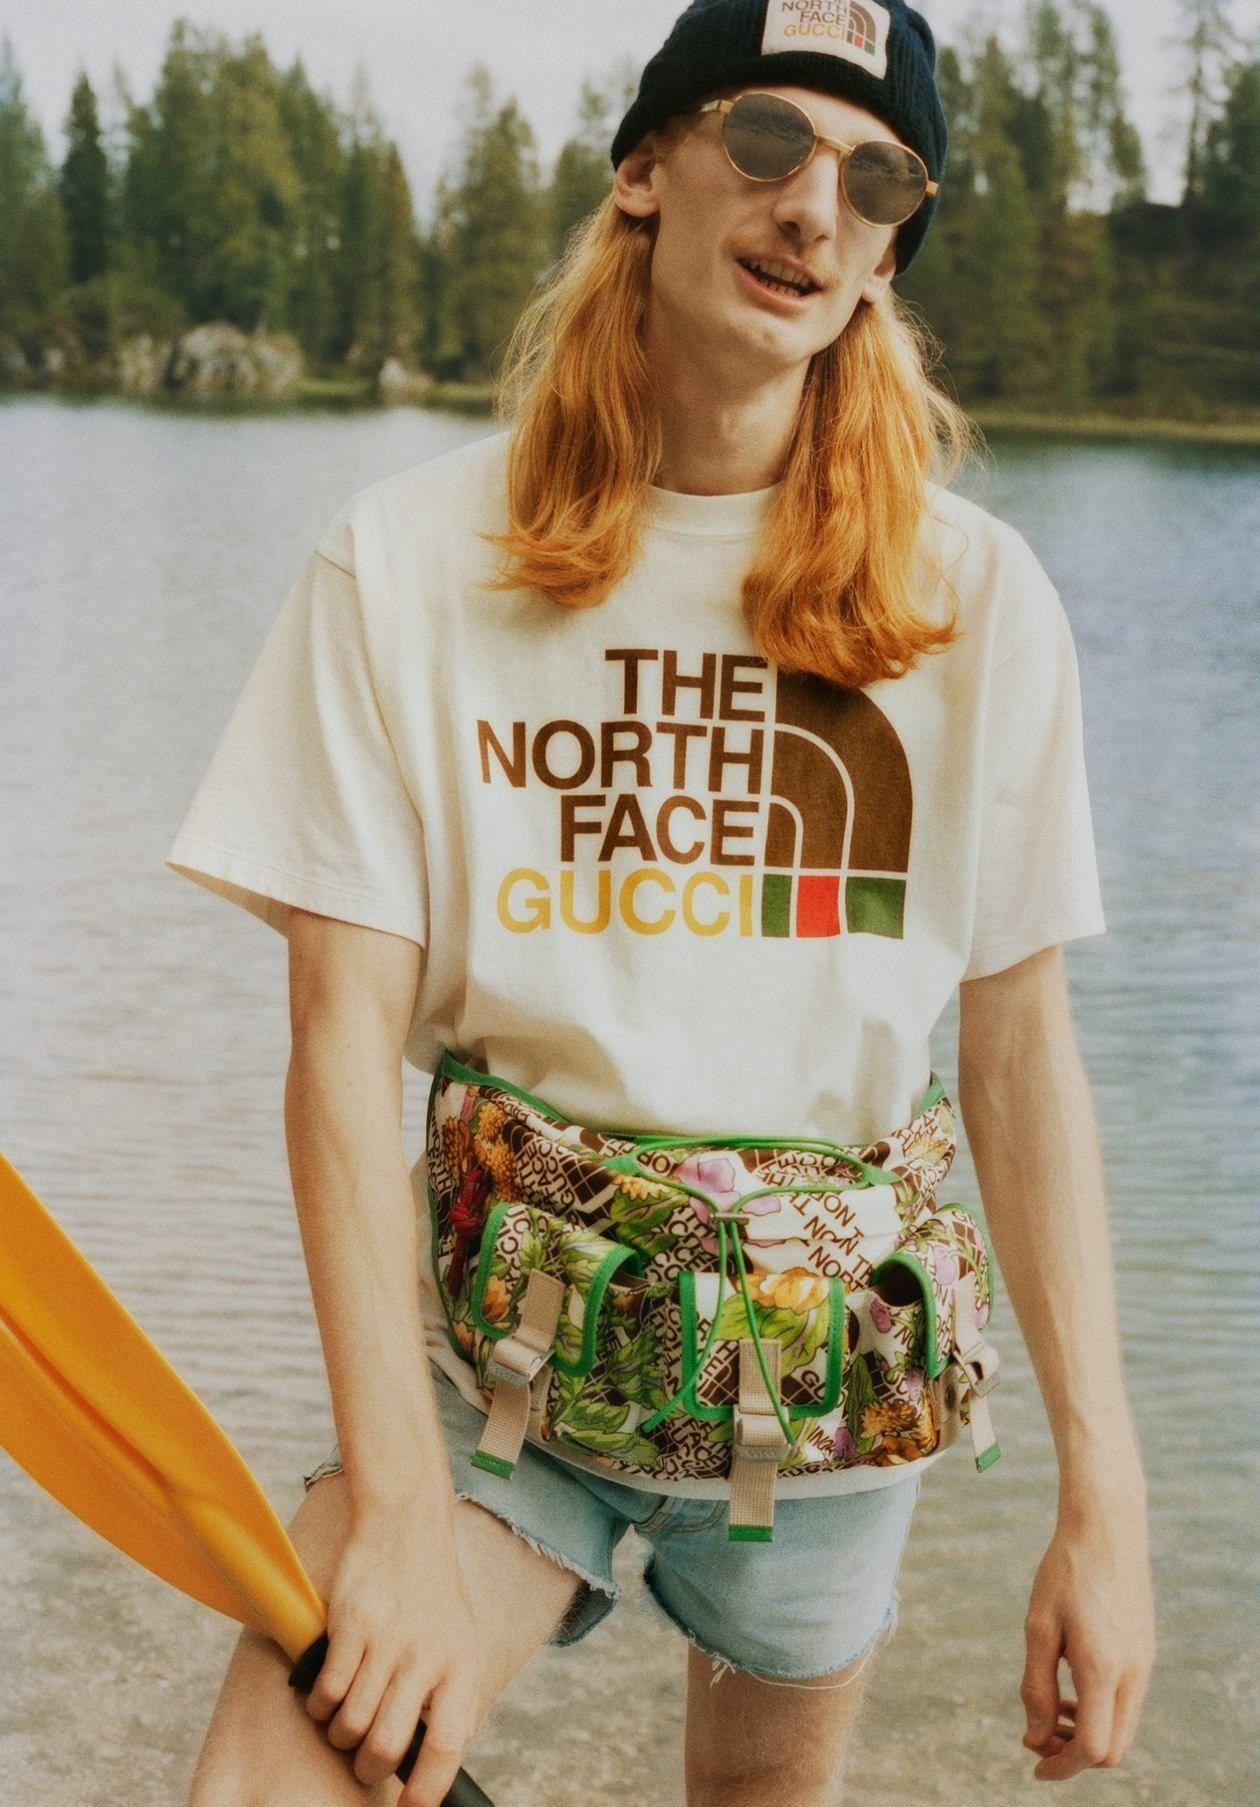 North Face X Gucci Spring 2021 Campaign Fashion News Kendam The North Face Gucci Spring Gucci [ 1807 x 1260 Pixel ]